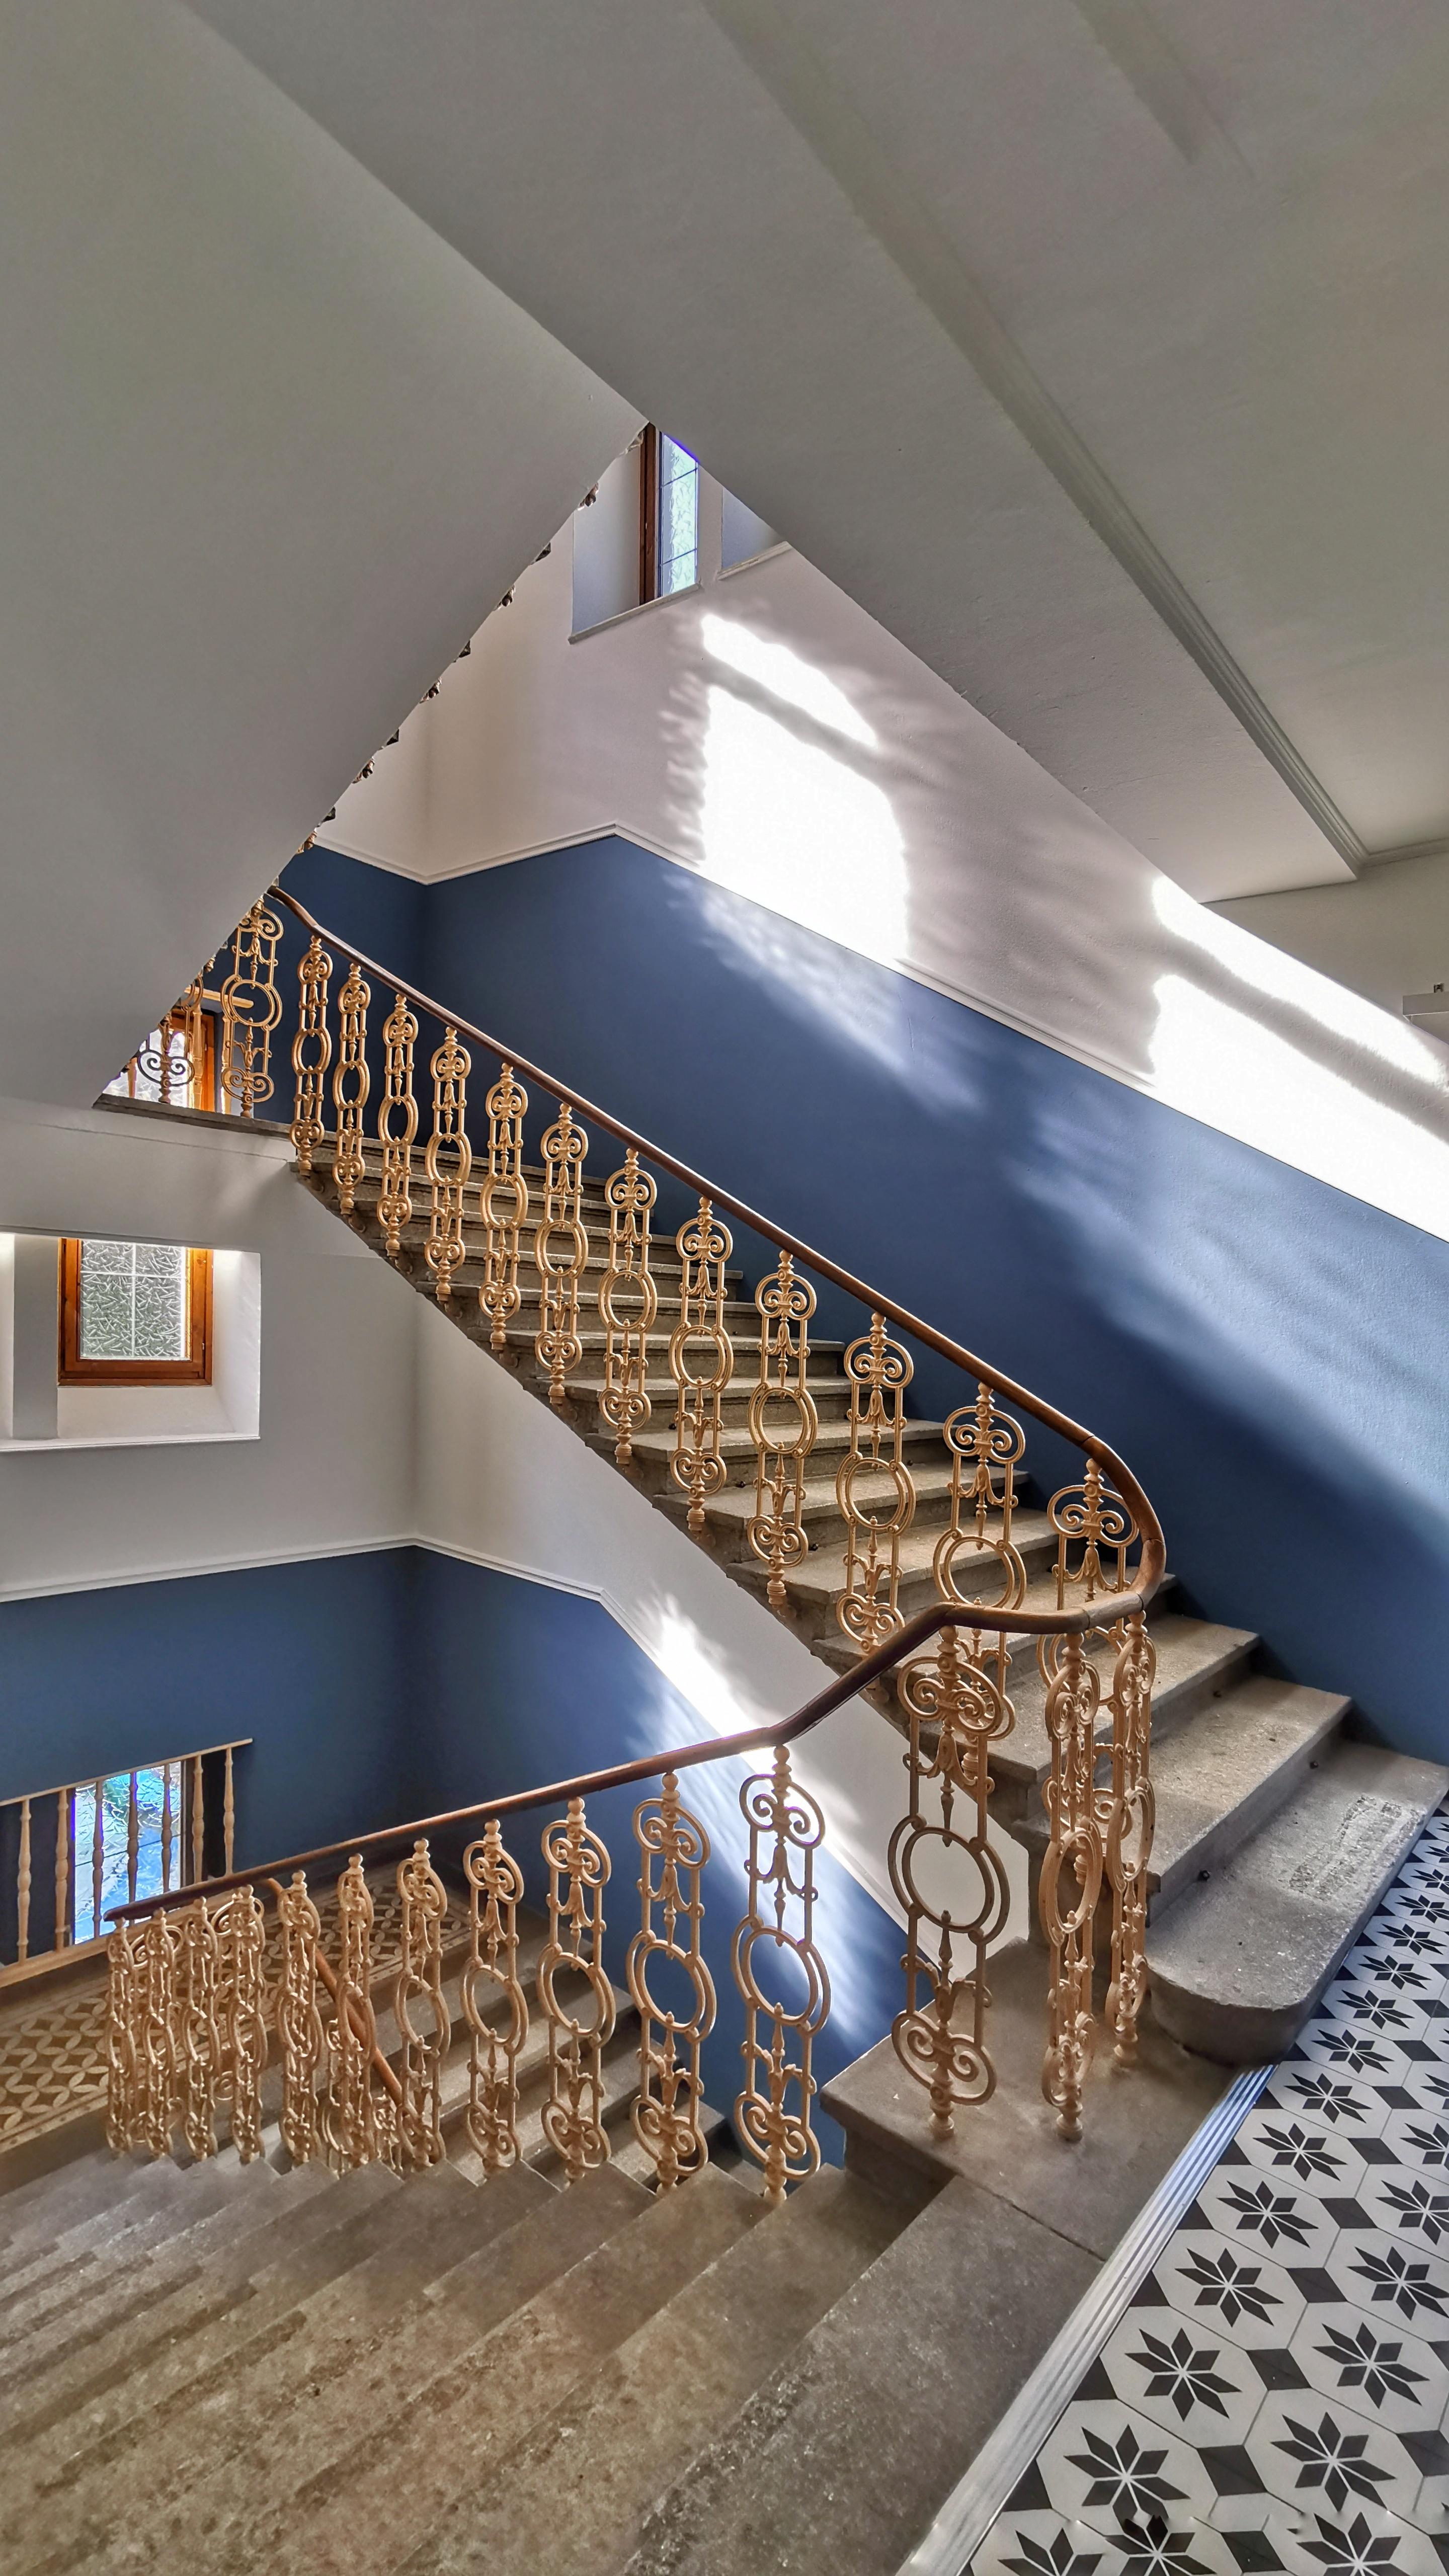 The stairway inside Haus Schider in Bad Gastein